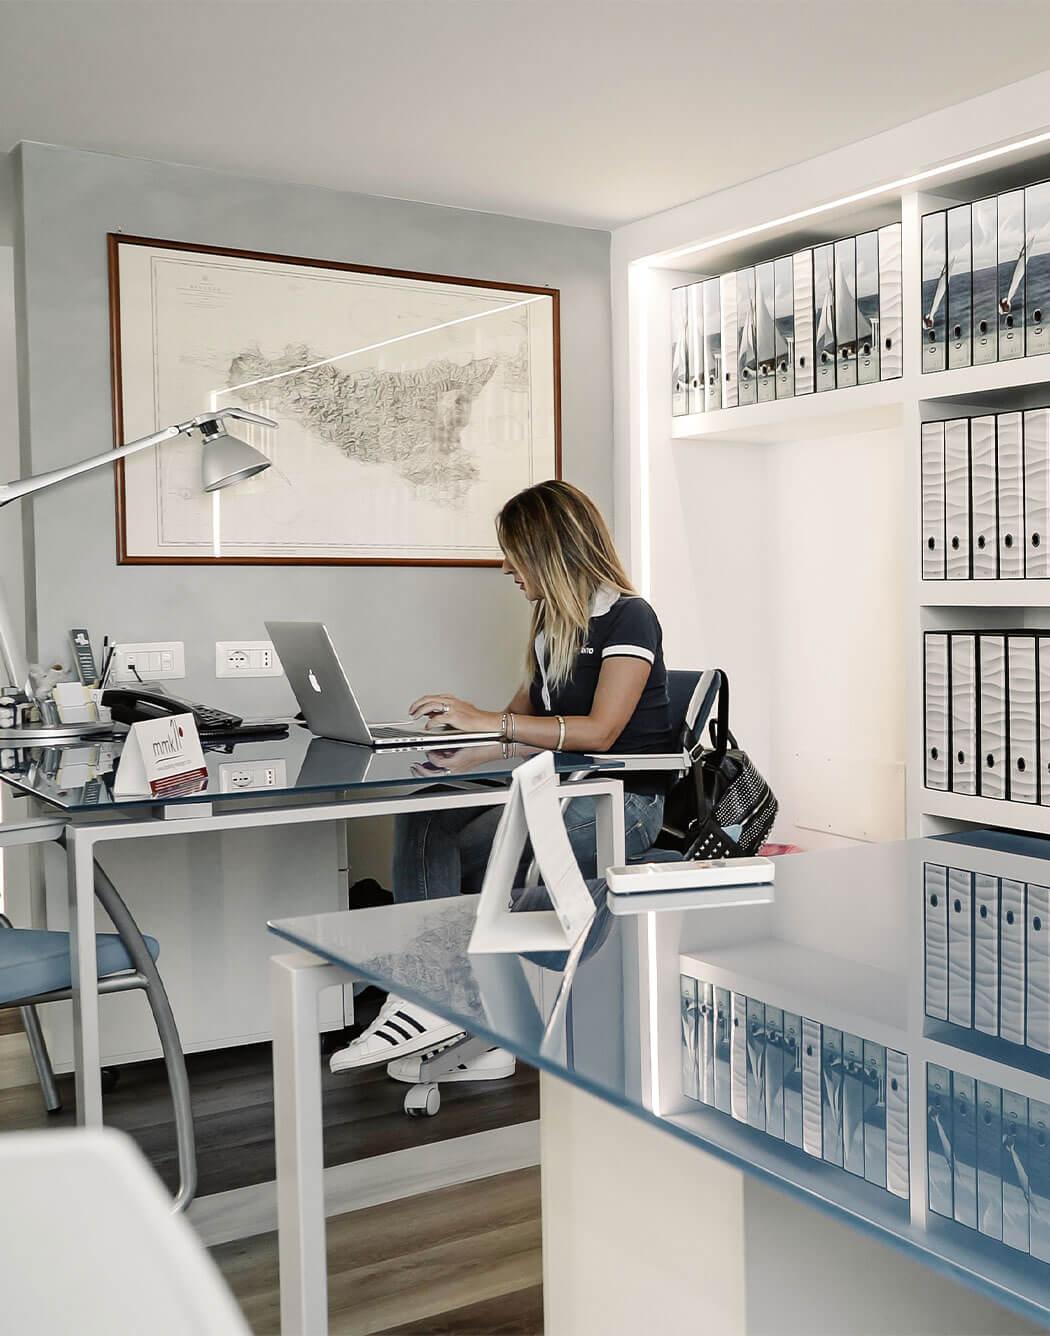 Una ragazza lavora al computer nella sede di Spartivento Yachts di Reggio Calabria.